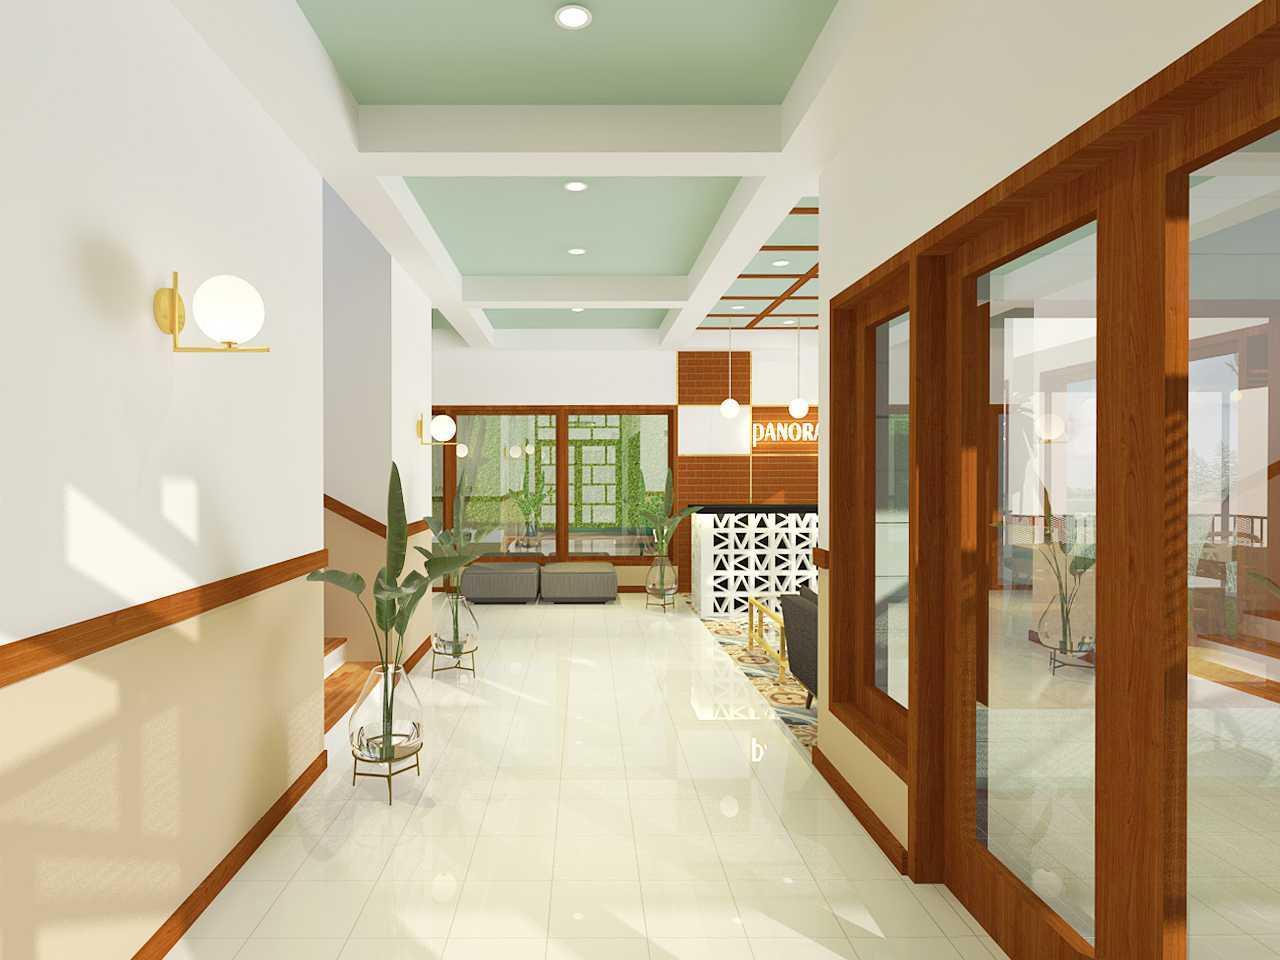 Sekala Panorama Inn Guesthouse Batu, Kec. Batu, Kota Batu, Jawa Timur, Indonesia Batu, Kec. Batu, Kota Batu, Jawa Timur, Indonesia Sekala-Panorama-Inn-Guesthouse Modern 74491